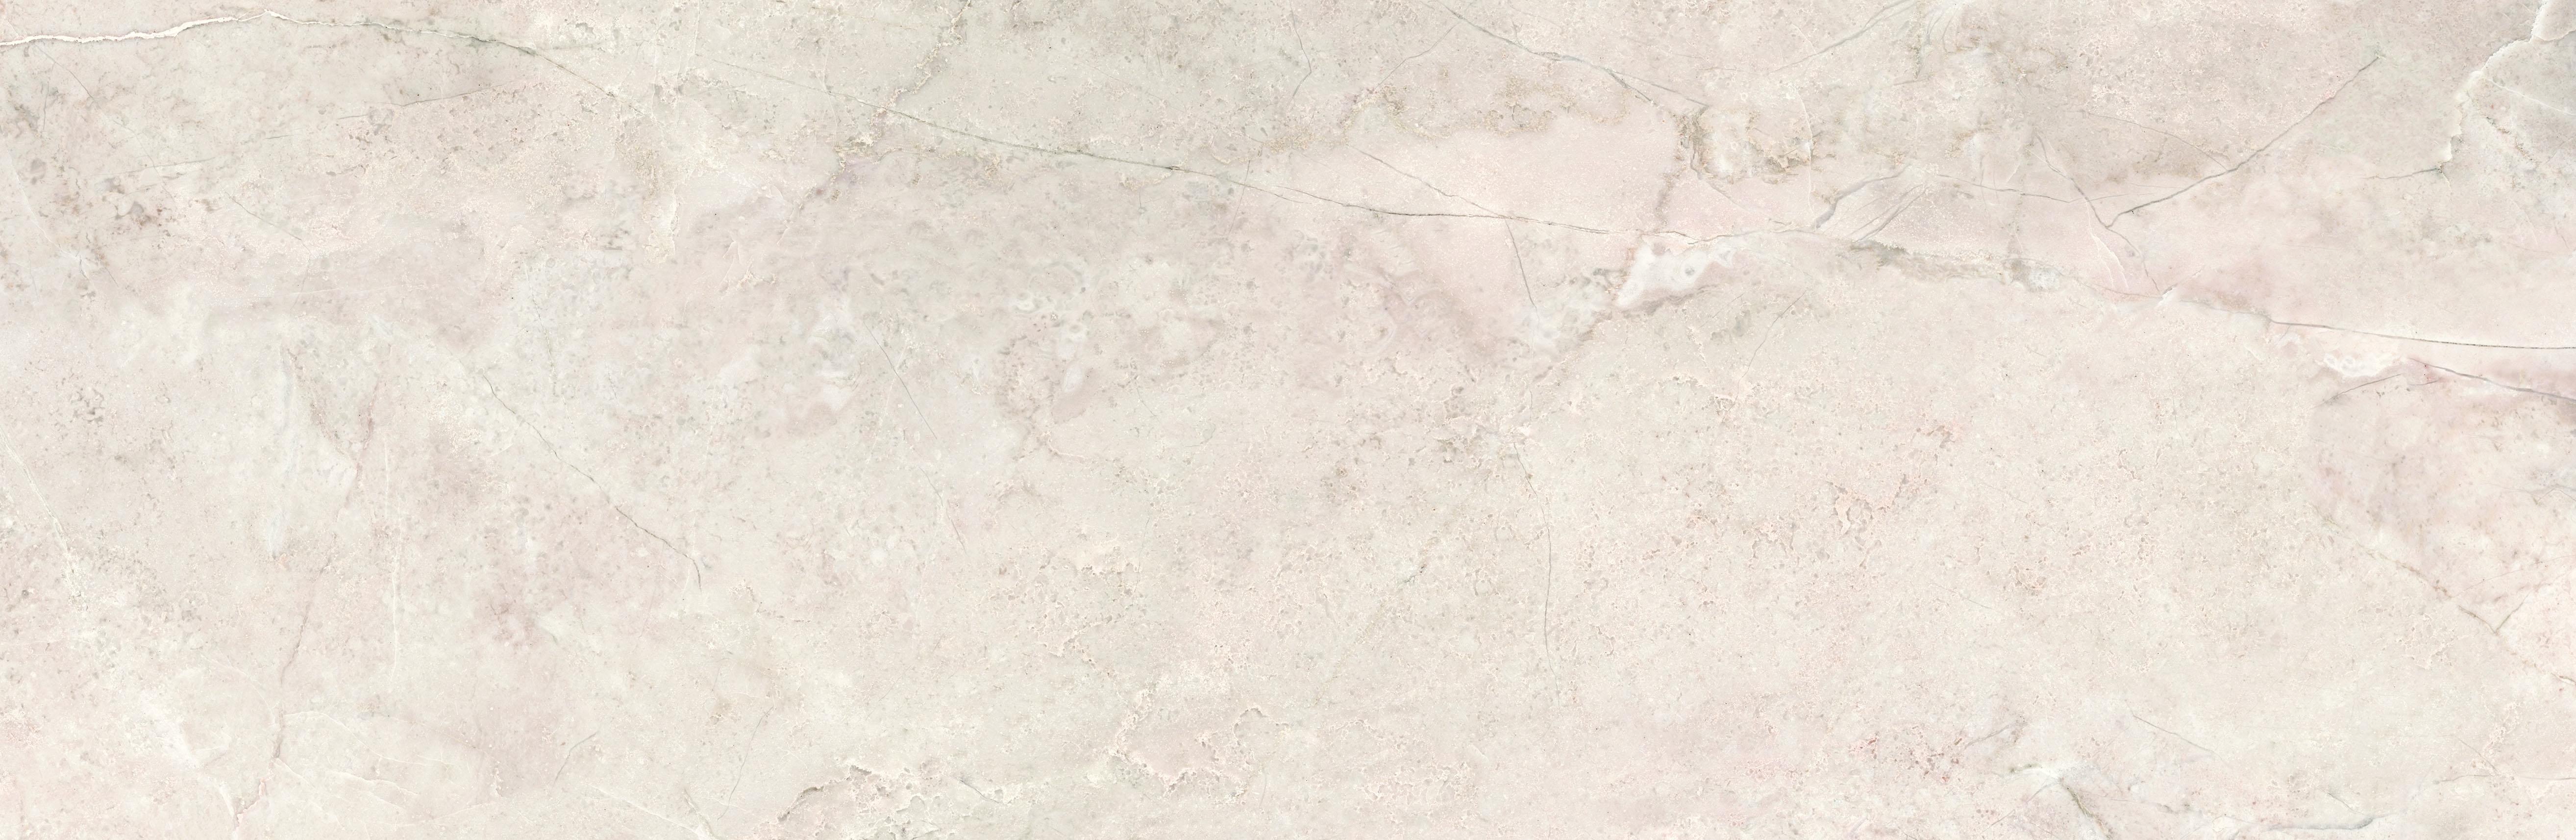 Купить Керамическая плитка Mei Grand Marfil бежевый (O-GRB-WTA011) настенная 29x89, Россия